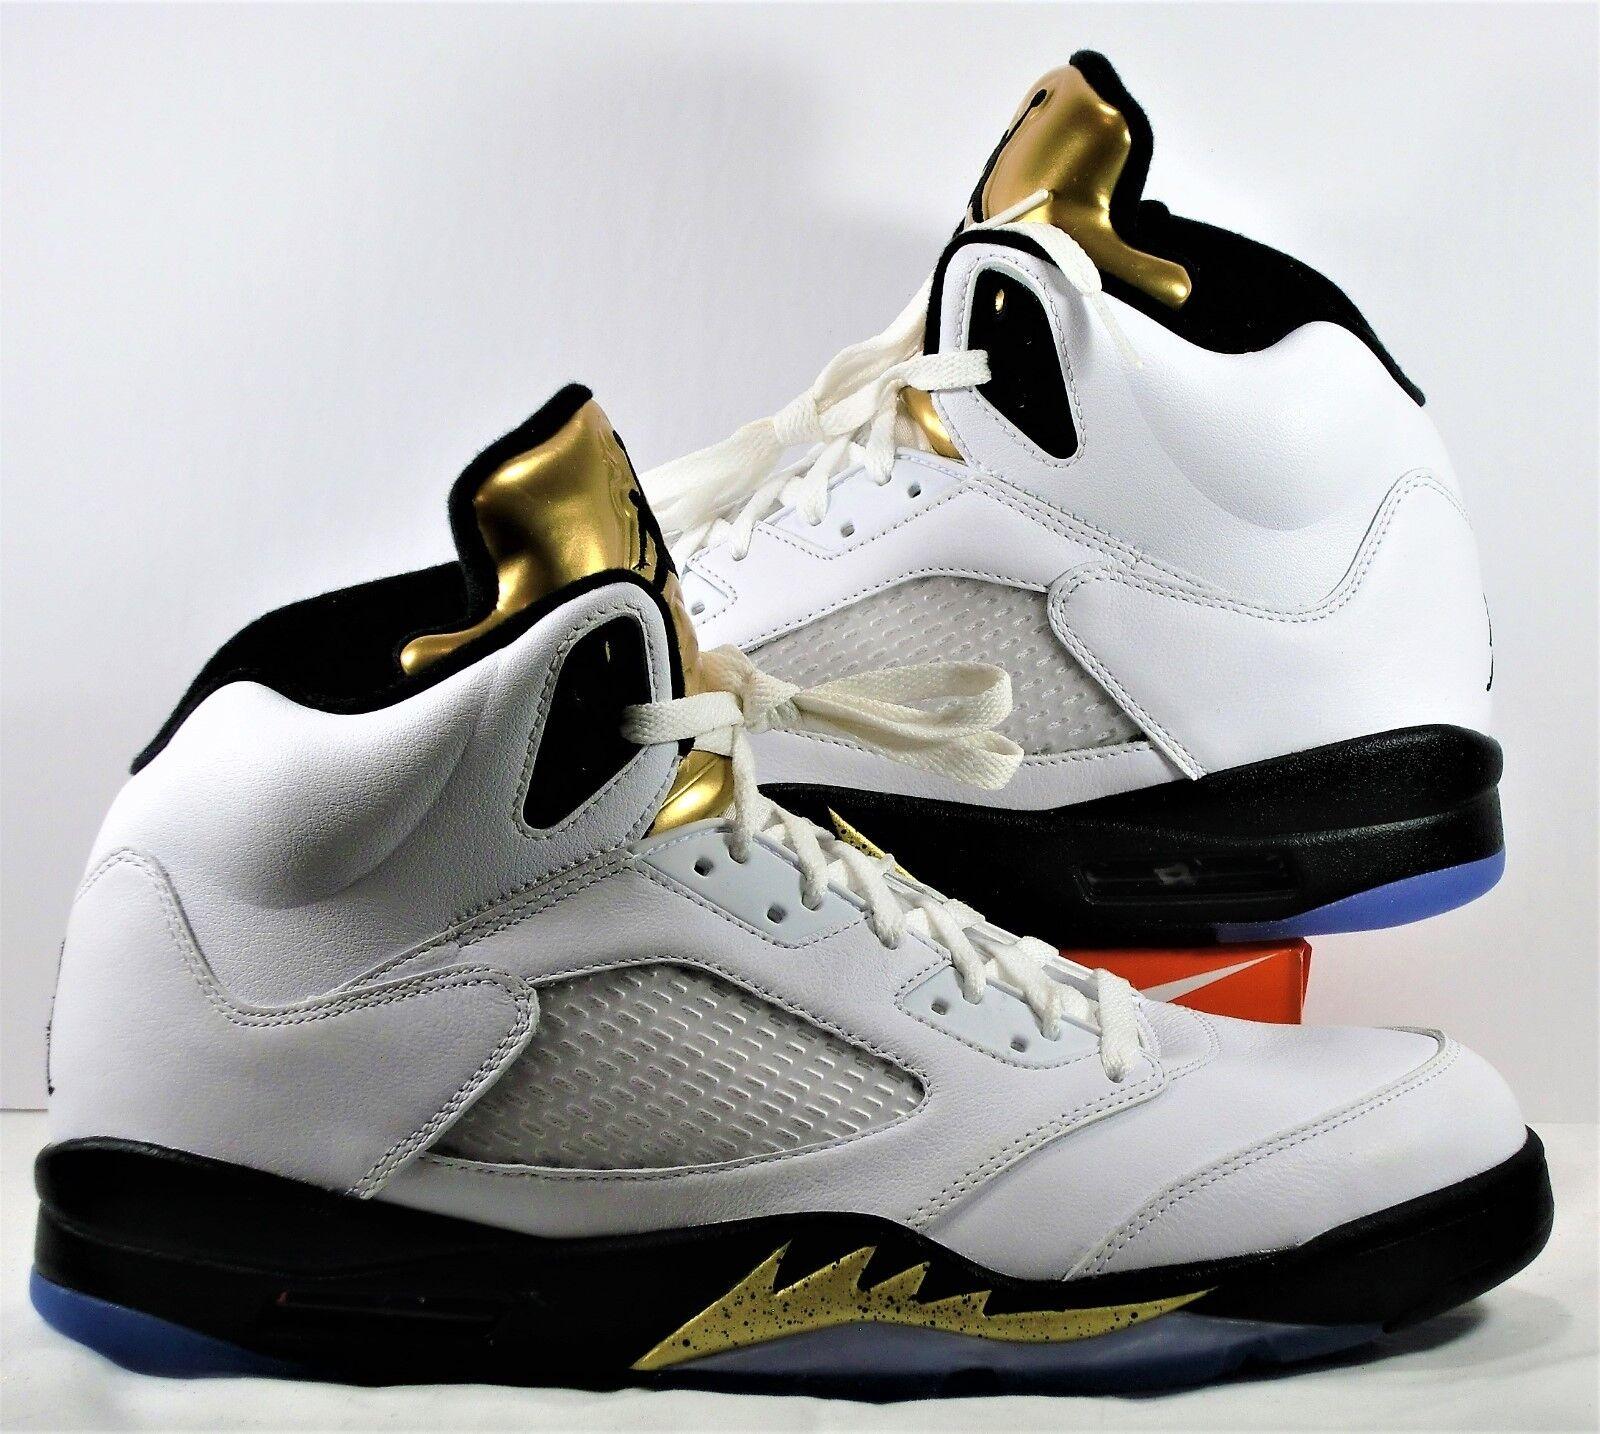 Nike air jordan retro - 5 / Weiß & olympischen neue metallisches gold sz 12 neue olympischen 136027 133 87be39